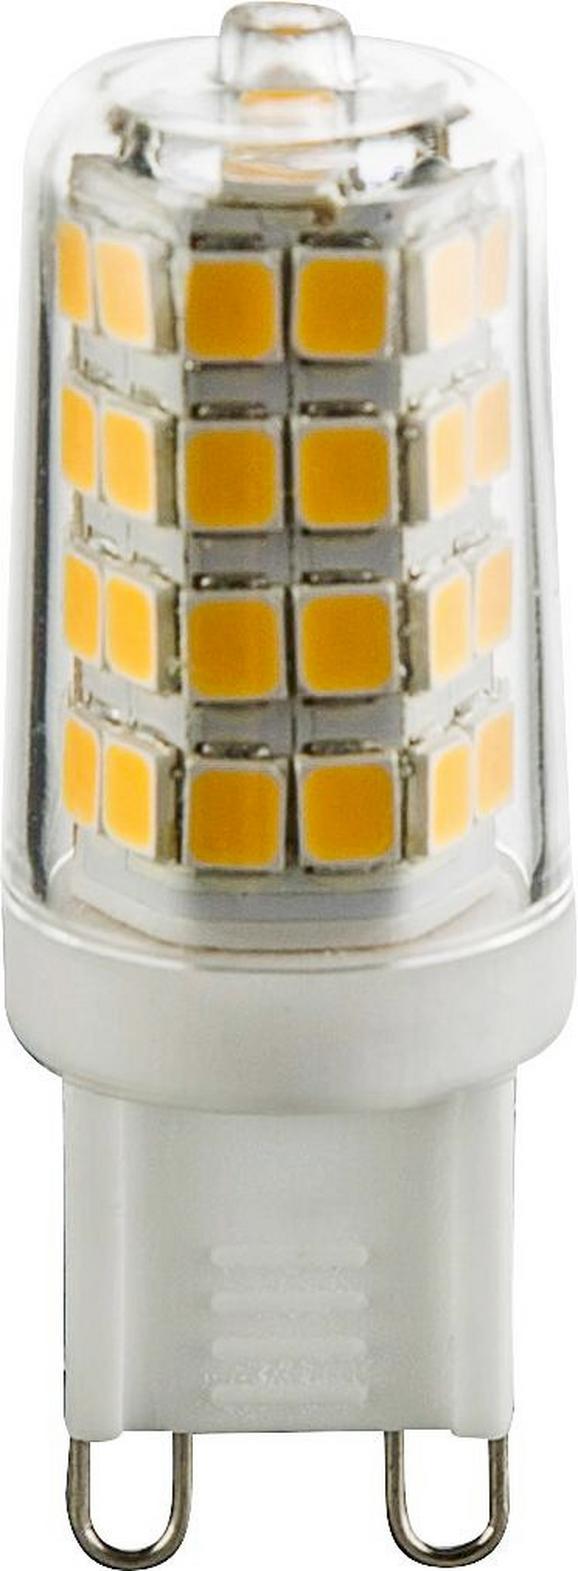 Led-žarnica 10676 - prosojna, umetna masa (1,5/5,5cm)